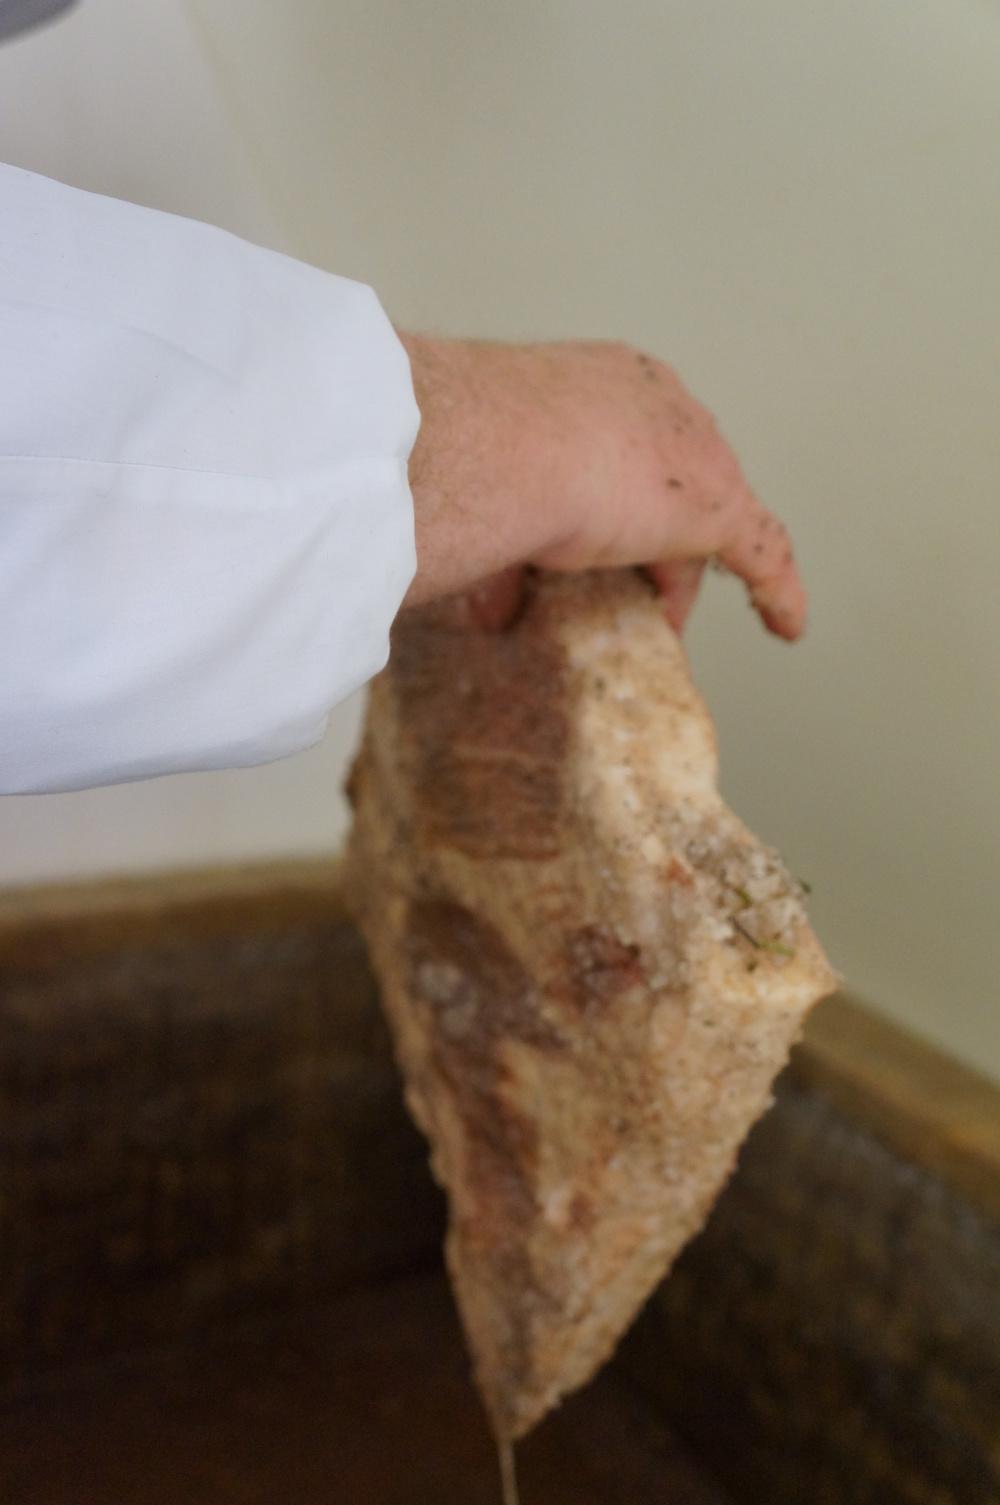 El lardo es la espalda del cerdo de Mantova (D.O.), distinto a la panceta (panza). Es grasa blanca, con solo una línea de carne.